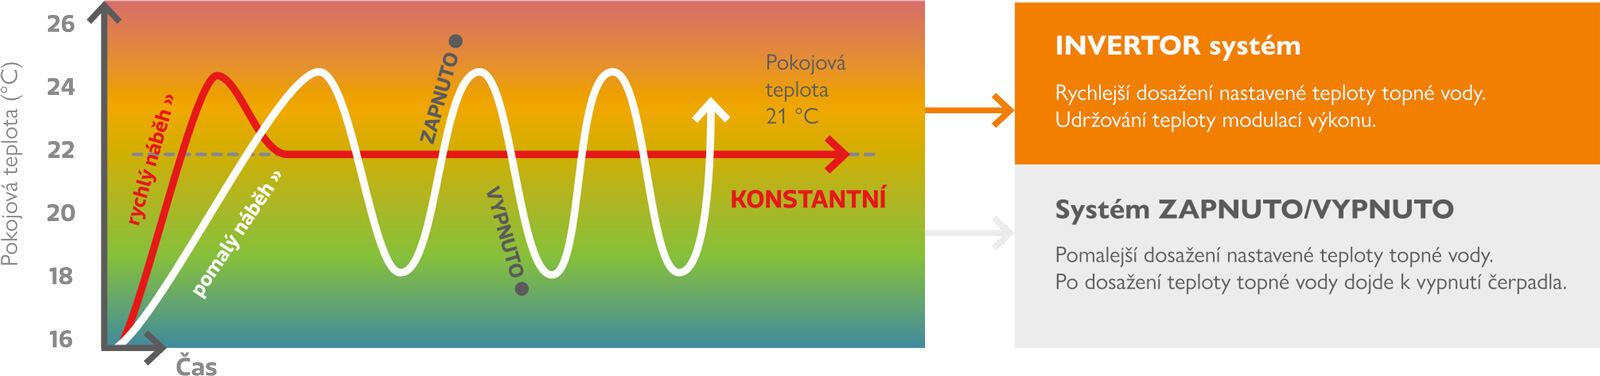 schéma - jak funguje invertor